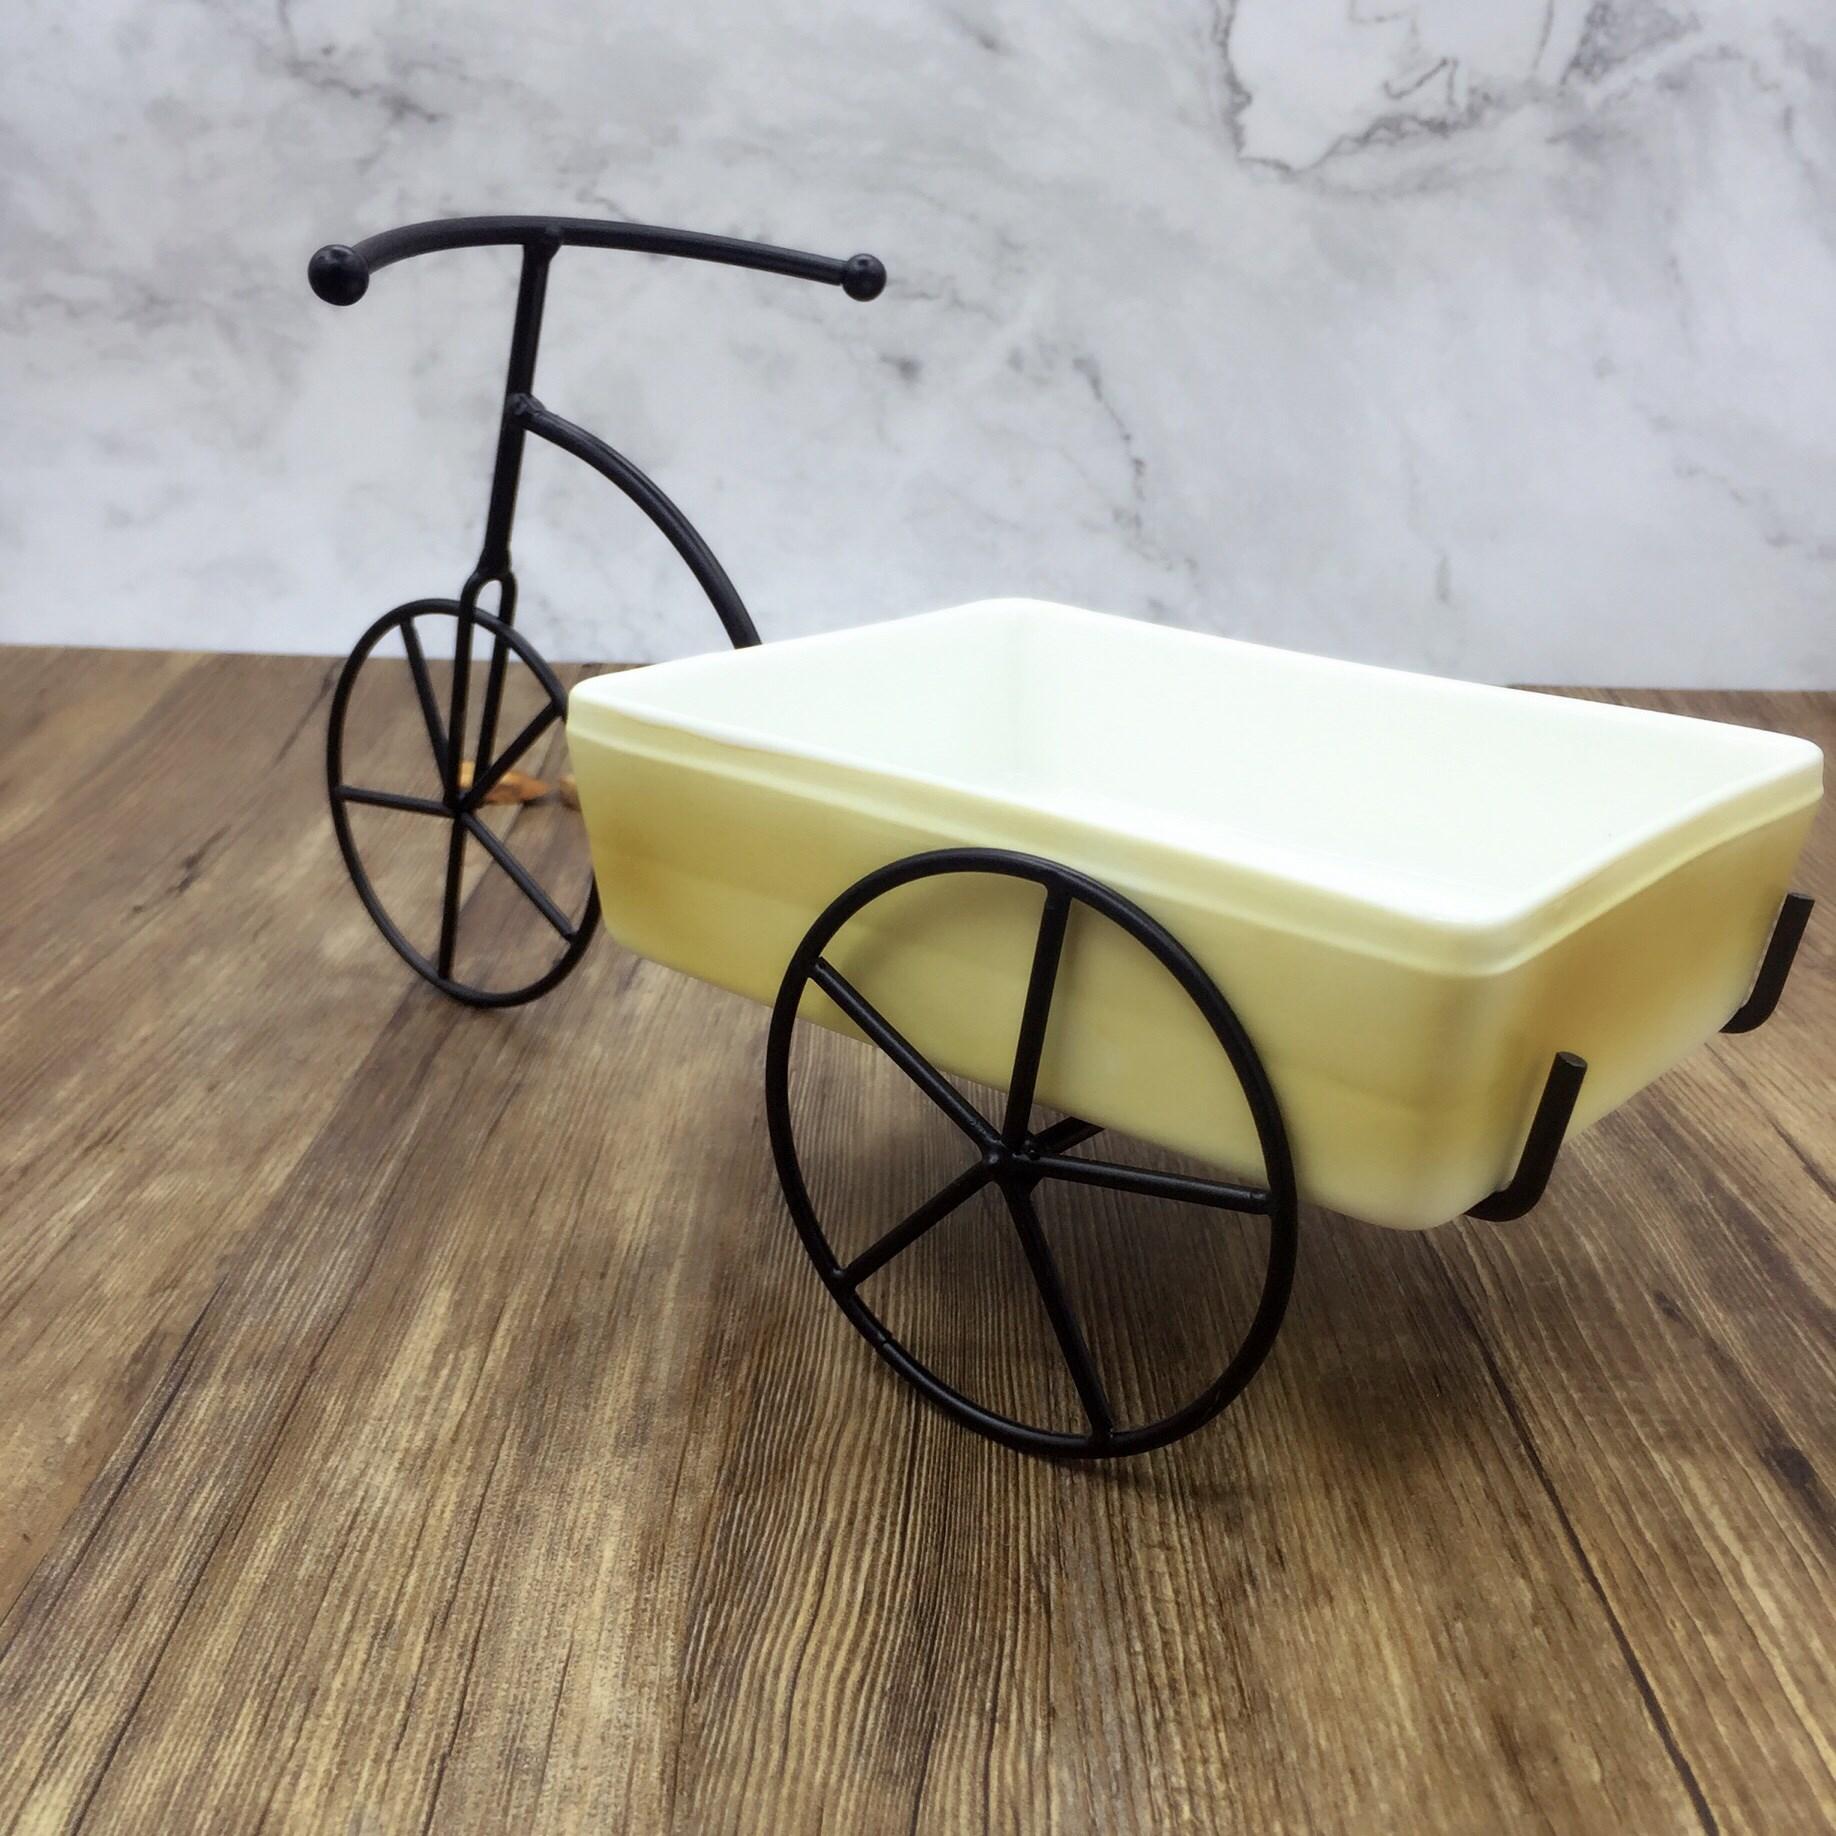 创意自行车餐具酒店个性主题餐厅创意菜意境菜餐具仿古火锅餐具